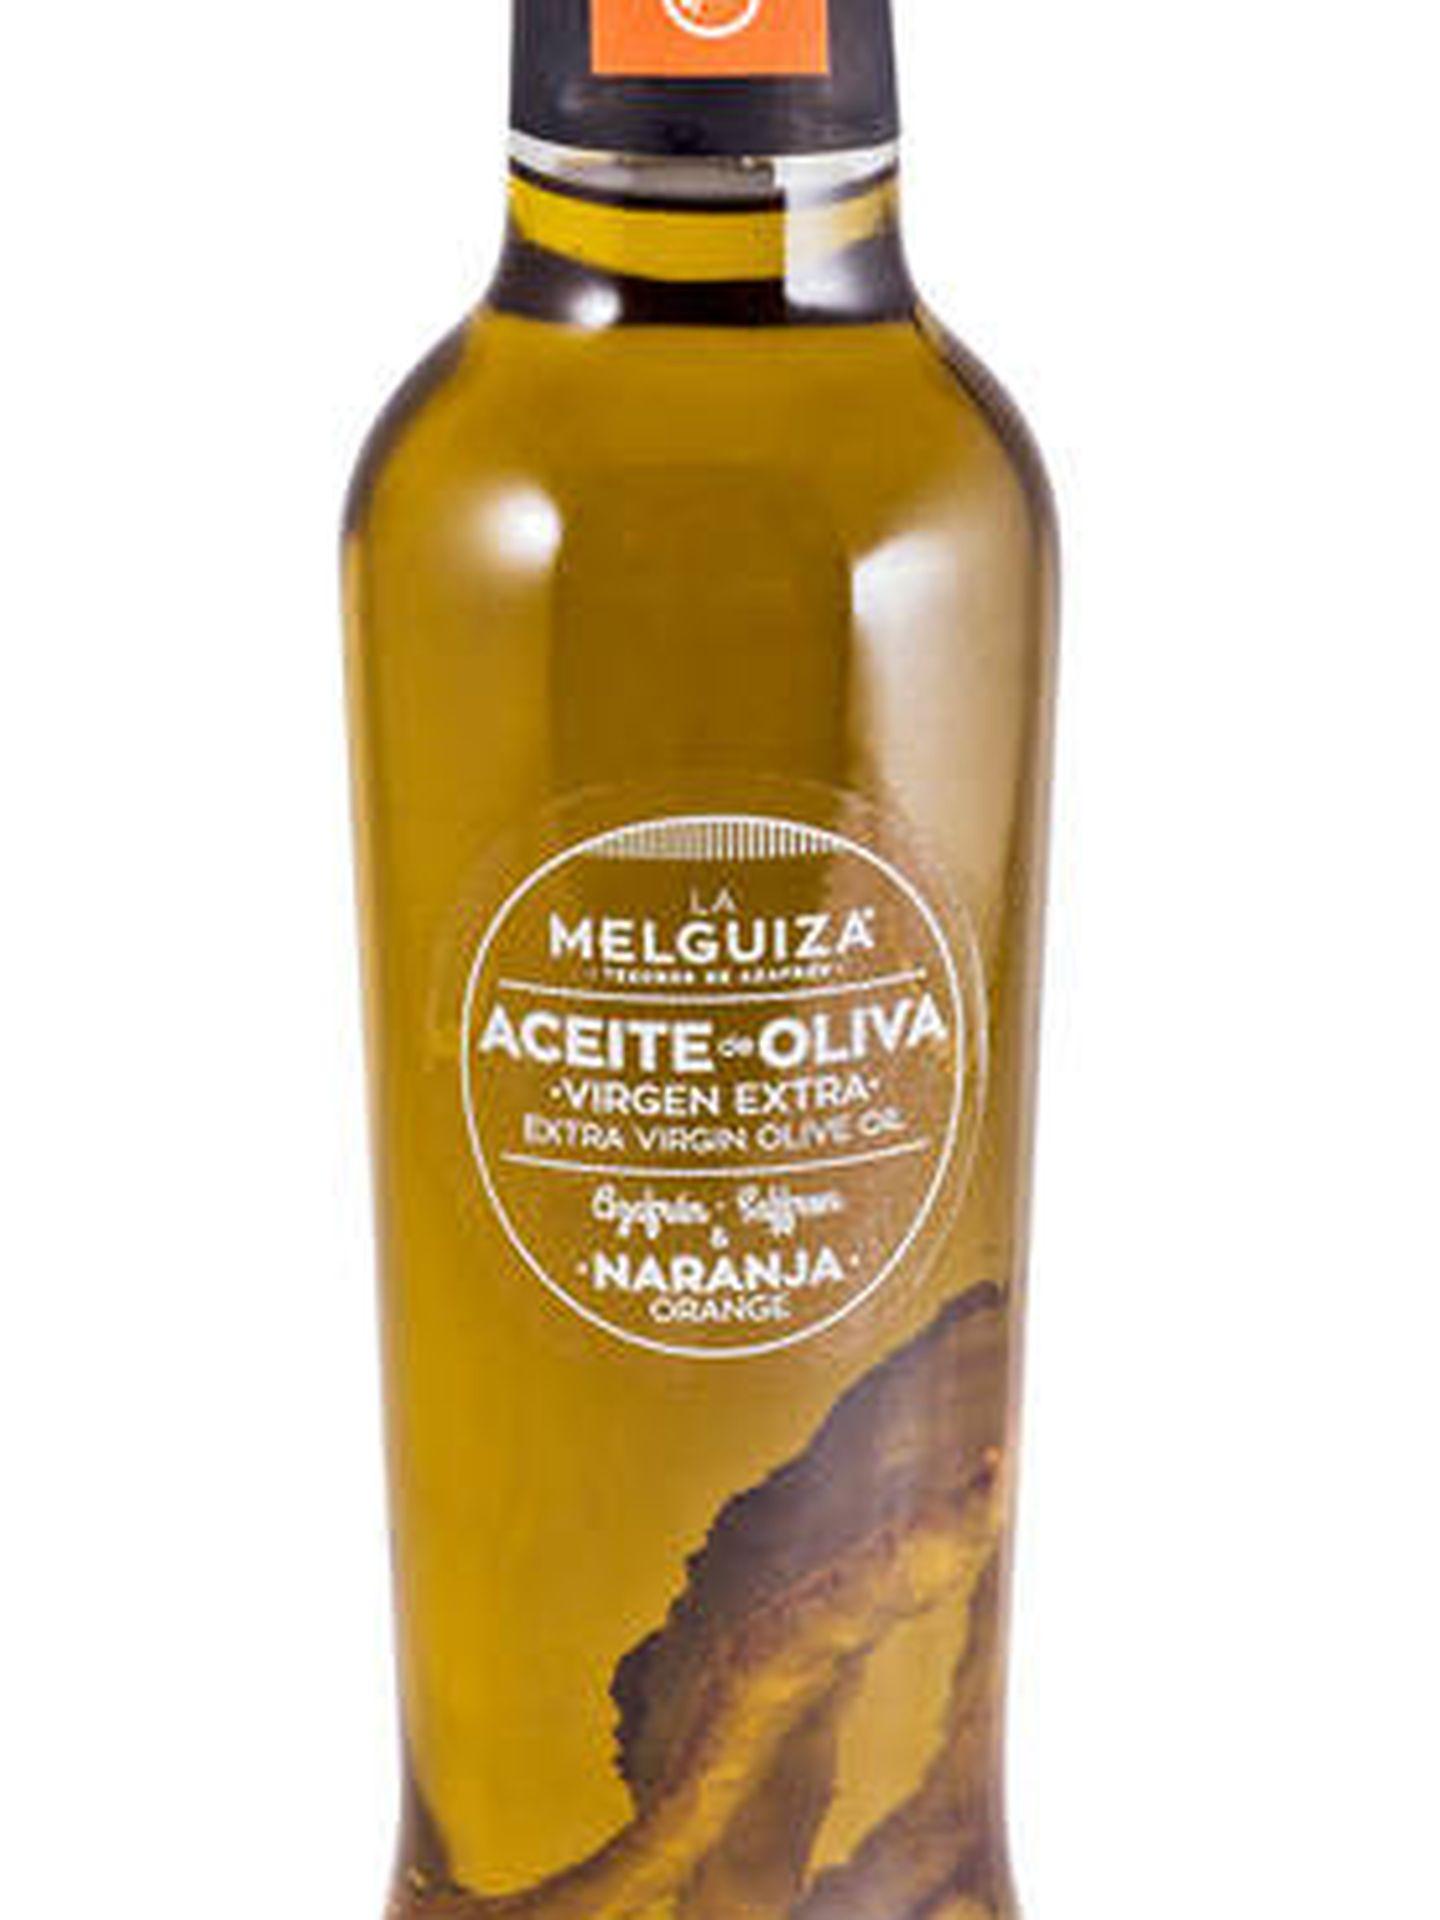 Aceite de oliva virgen con naranja y azafrán de La Melguiza